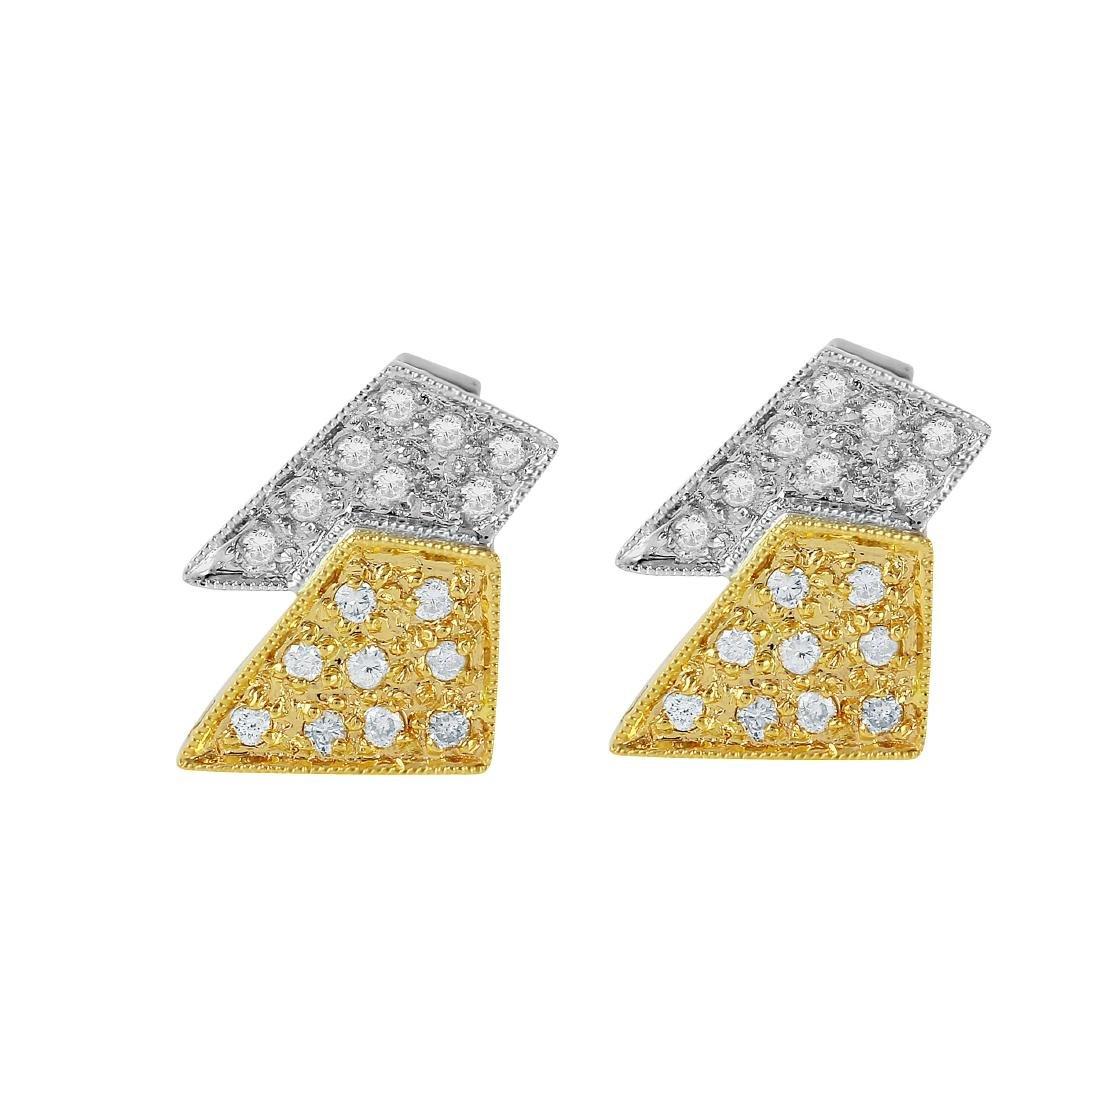 14KT Two Tone Gold Diamond Stud Earrings - 2